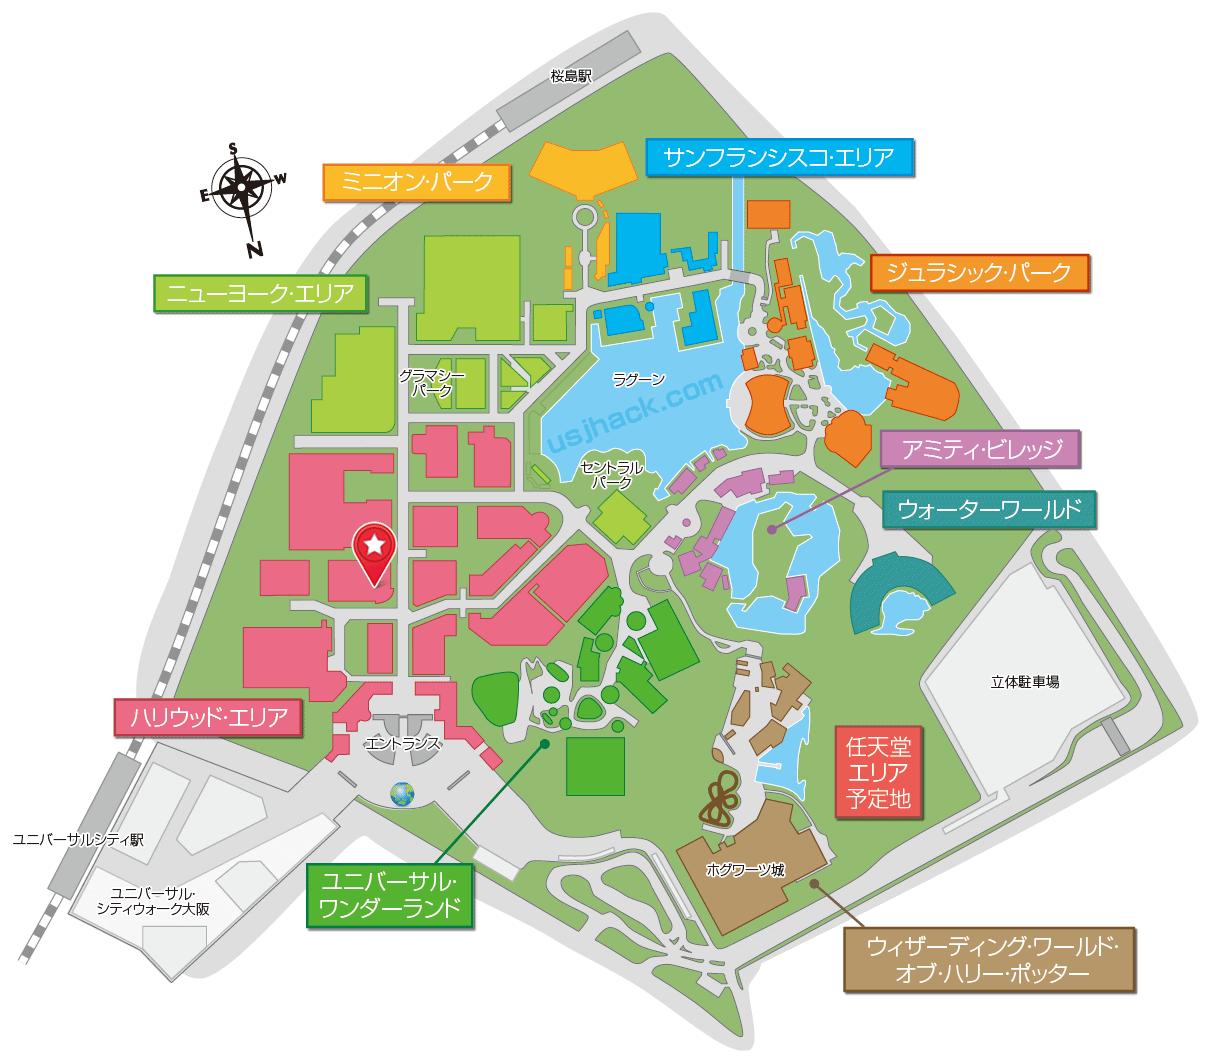 USJゴジラ対エヴァンゲリオンザ・リアル4Dの開催場所マップ